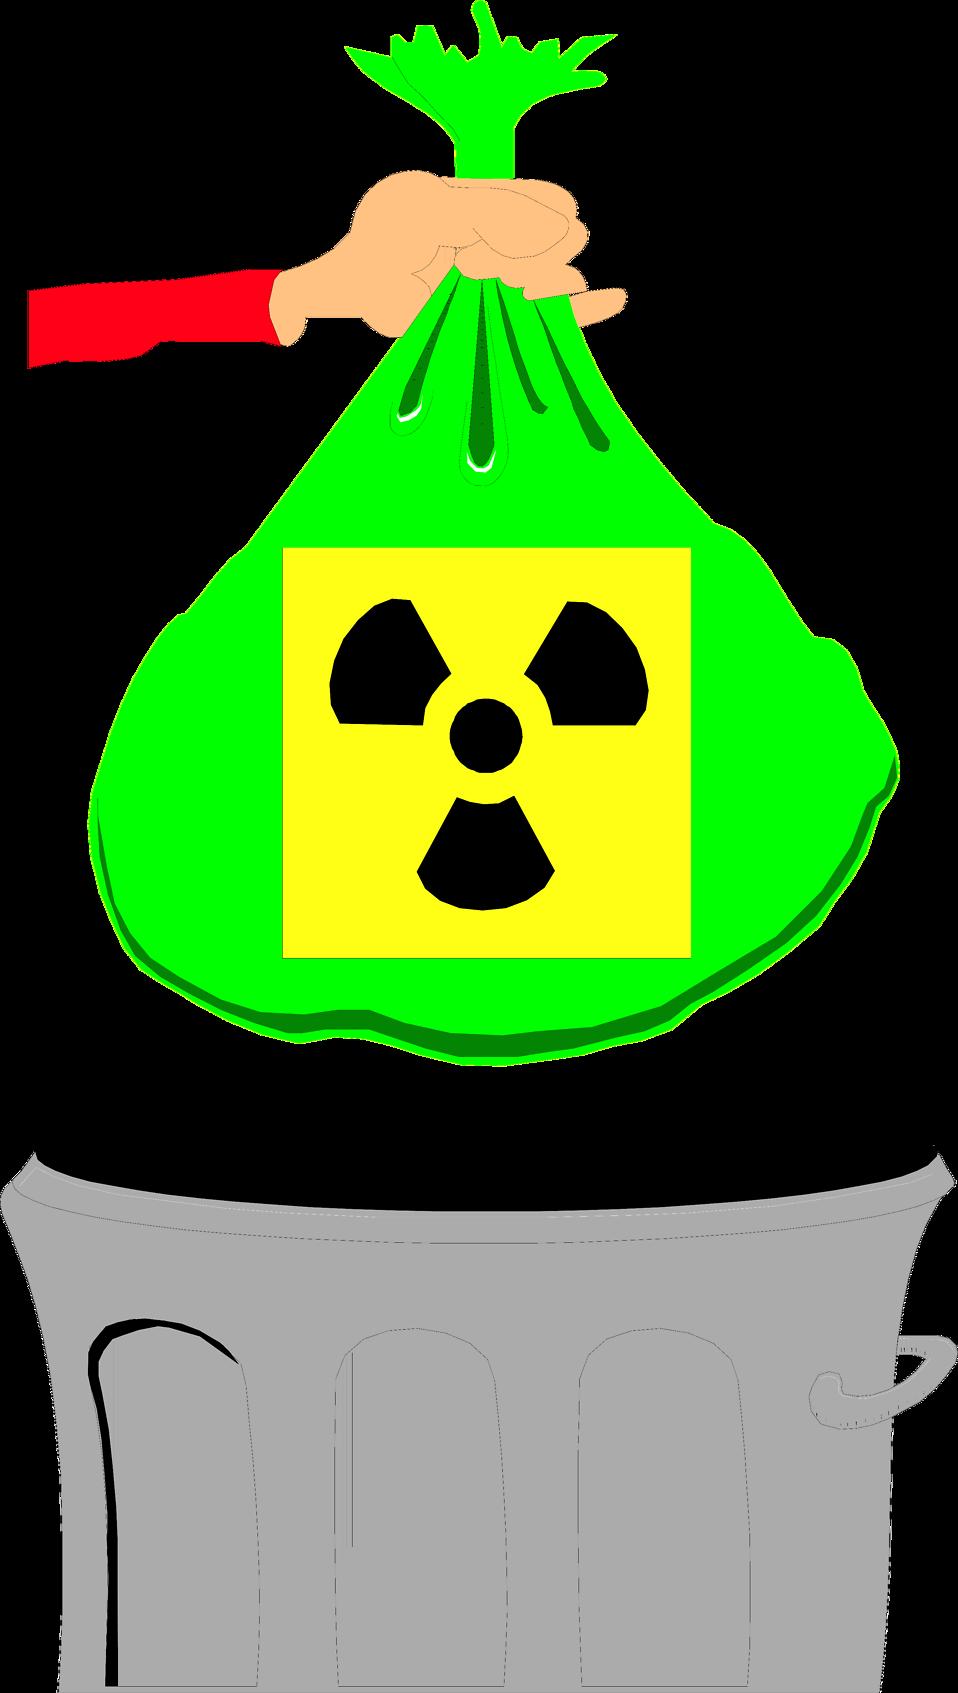 Hazardous Waste Going Into